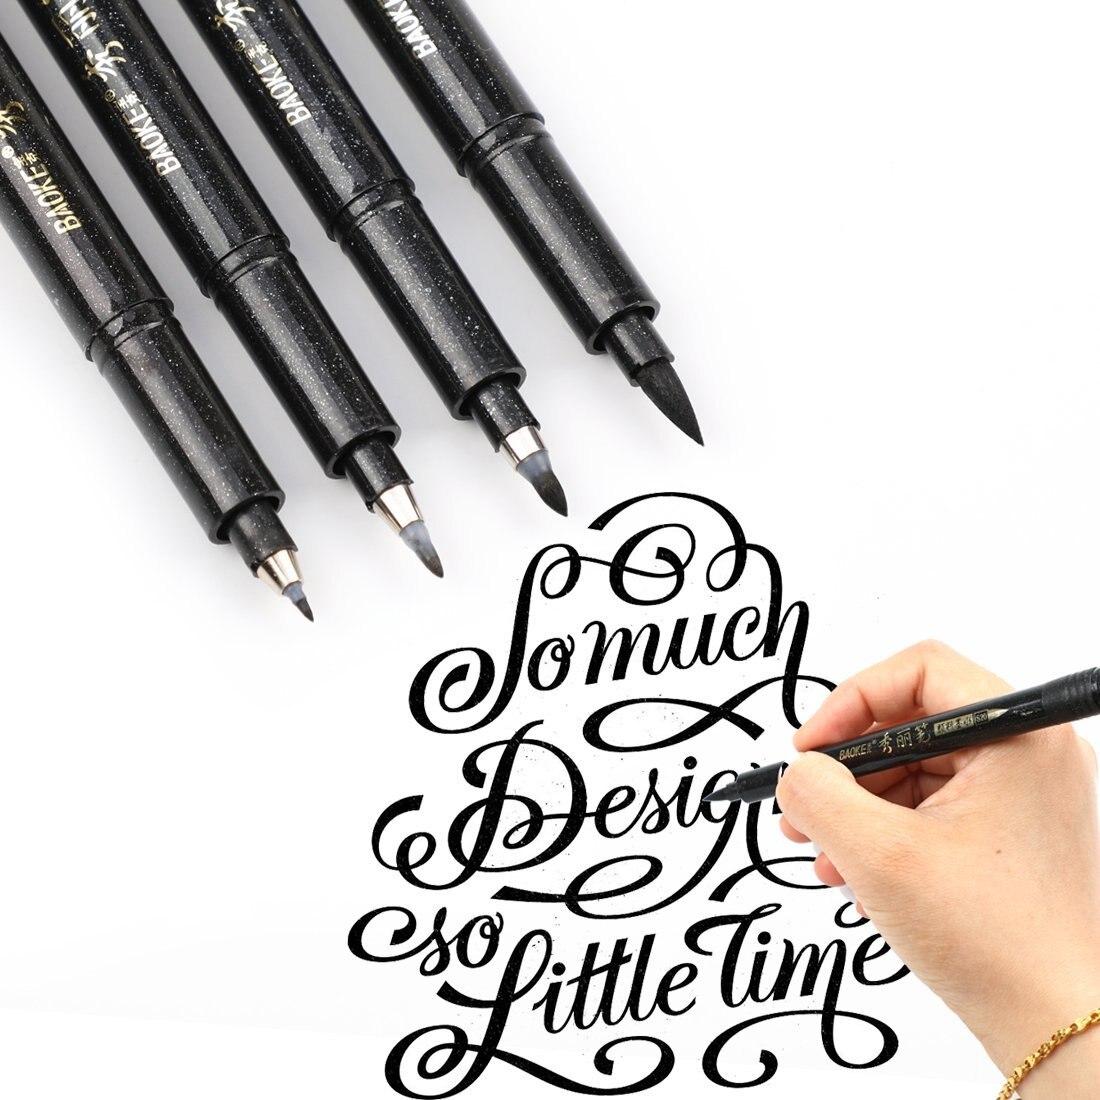 4 unids/lote caligrafía japonesa y China cepillo pluma pincel de arte suministros de la escuela, la Oficina herramientas de escritura